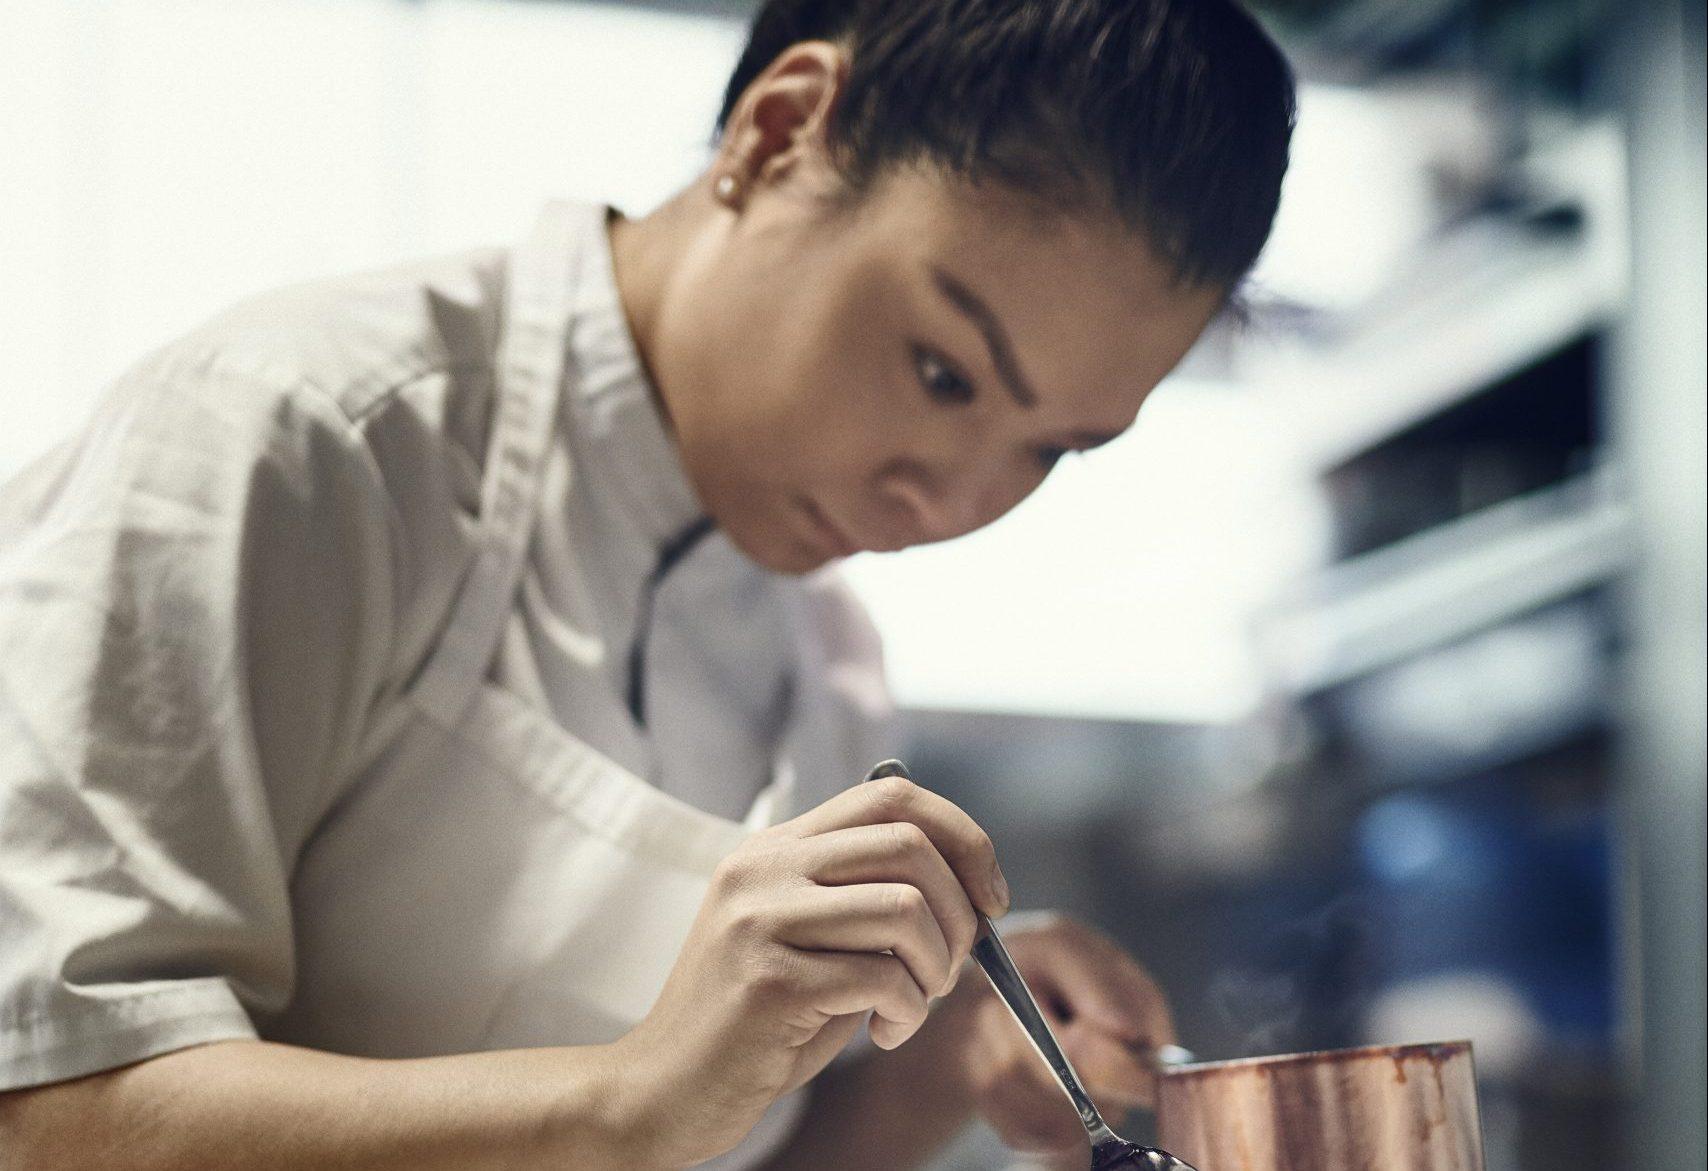 Icelandic Chef Snaedis plating um Icelandic Lamb